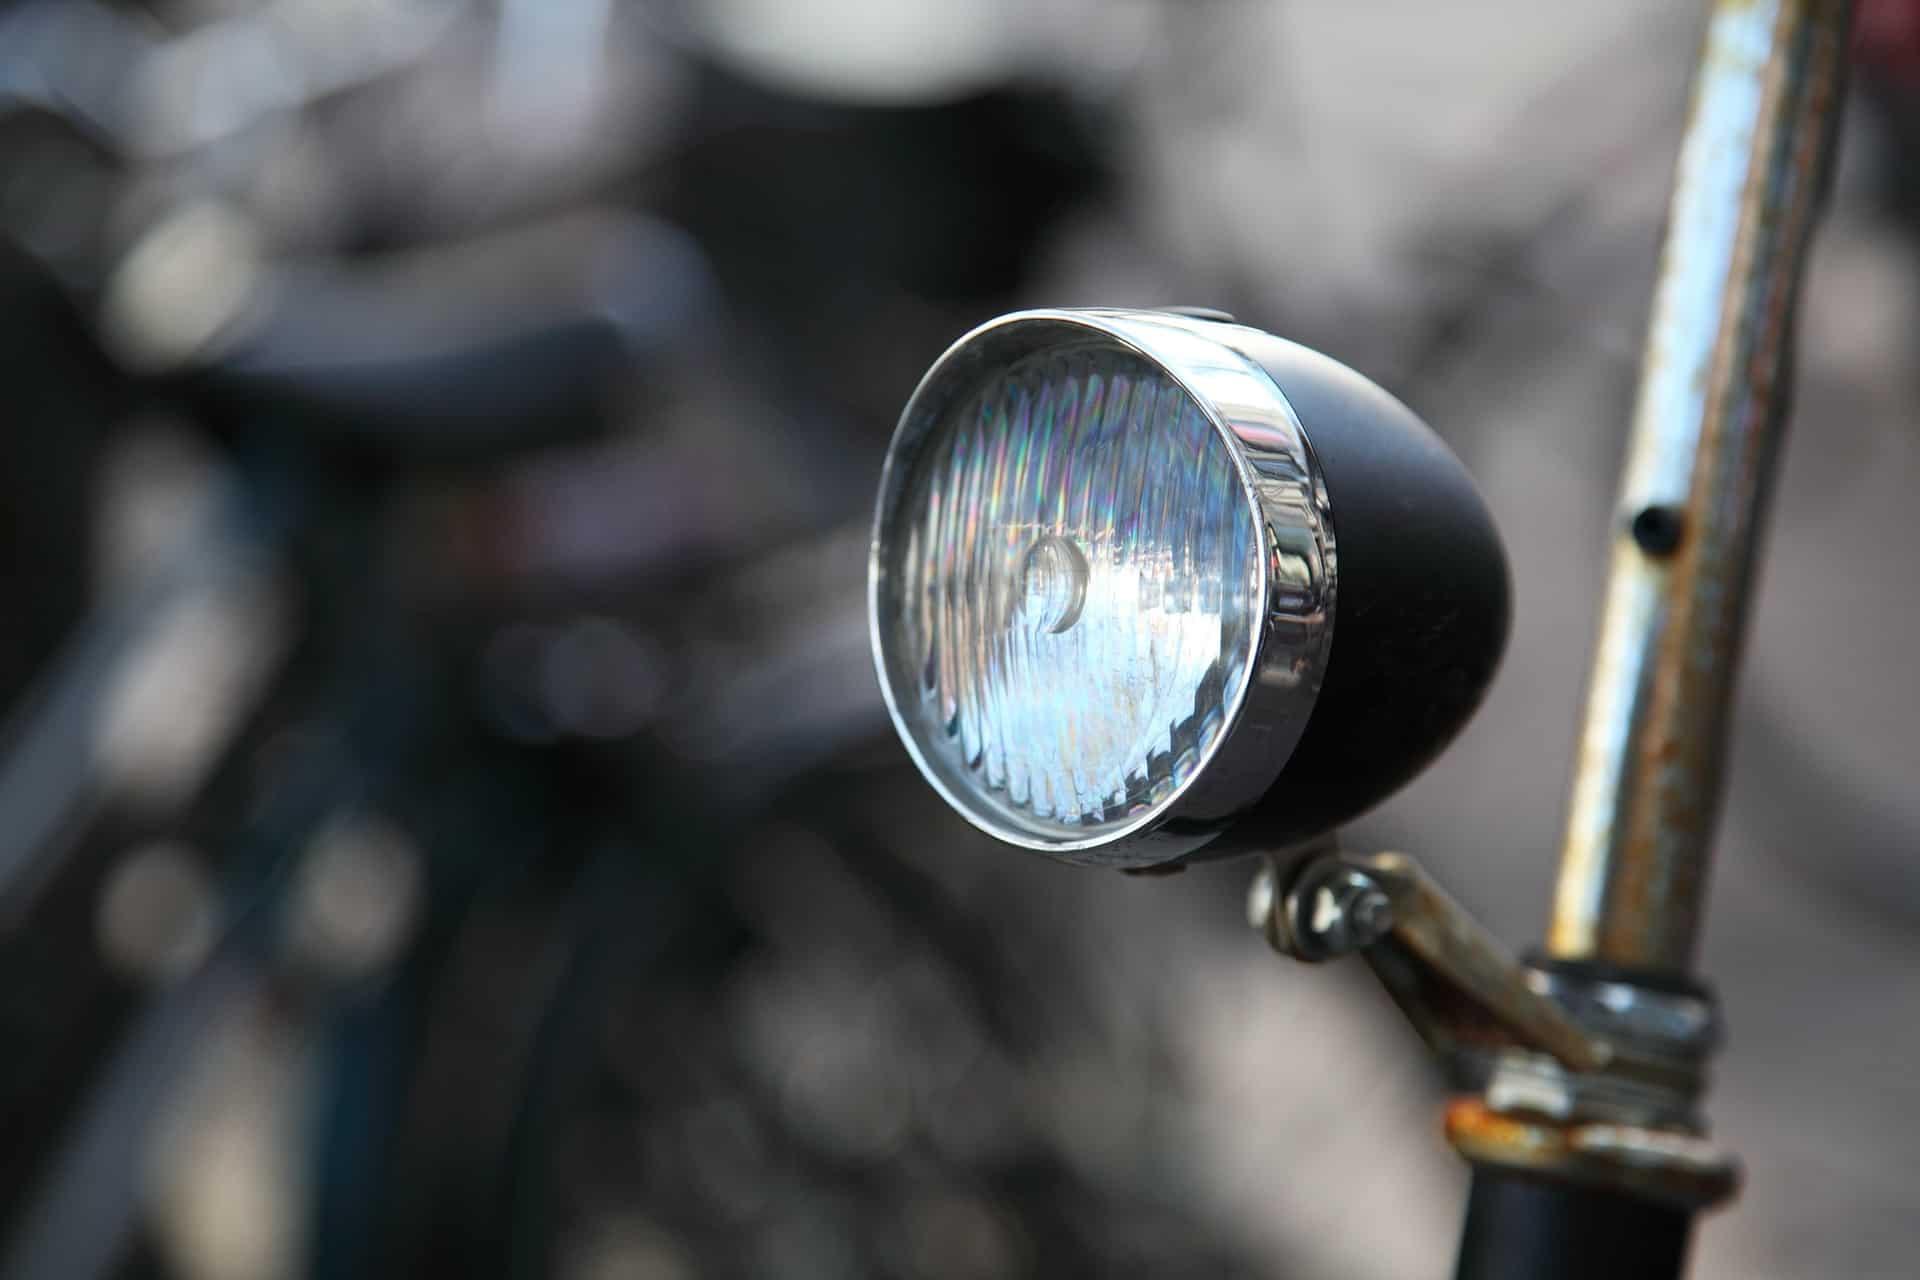 Fahrradbeleuchtung: Test & Empfehlungen (04/21)